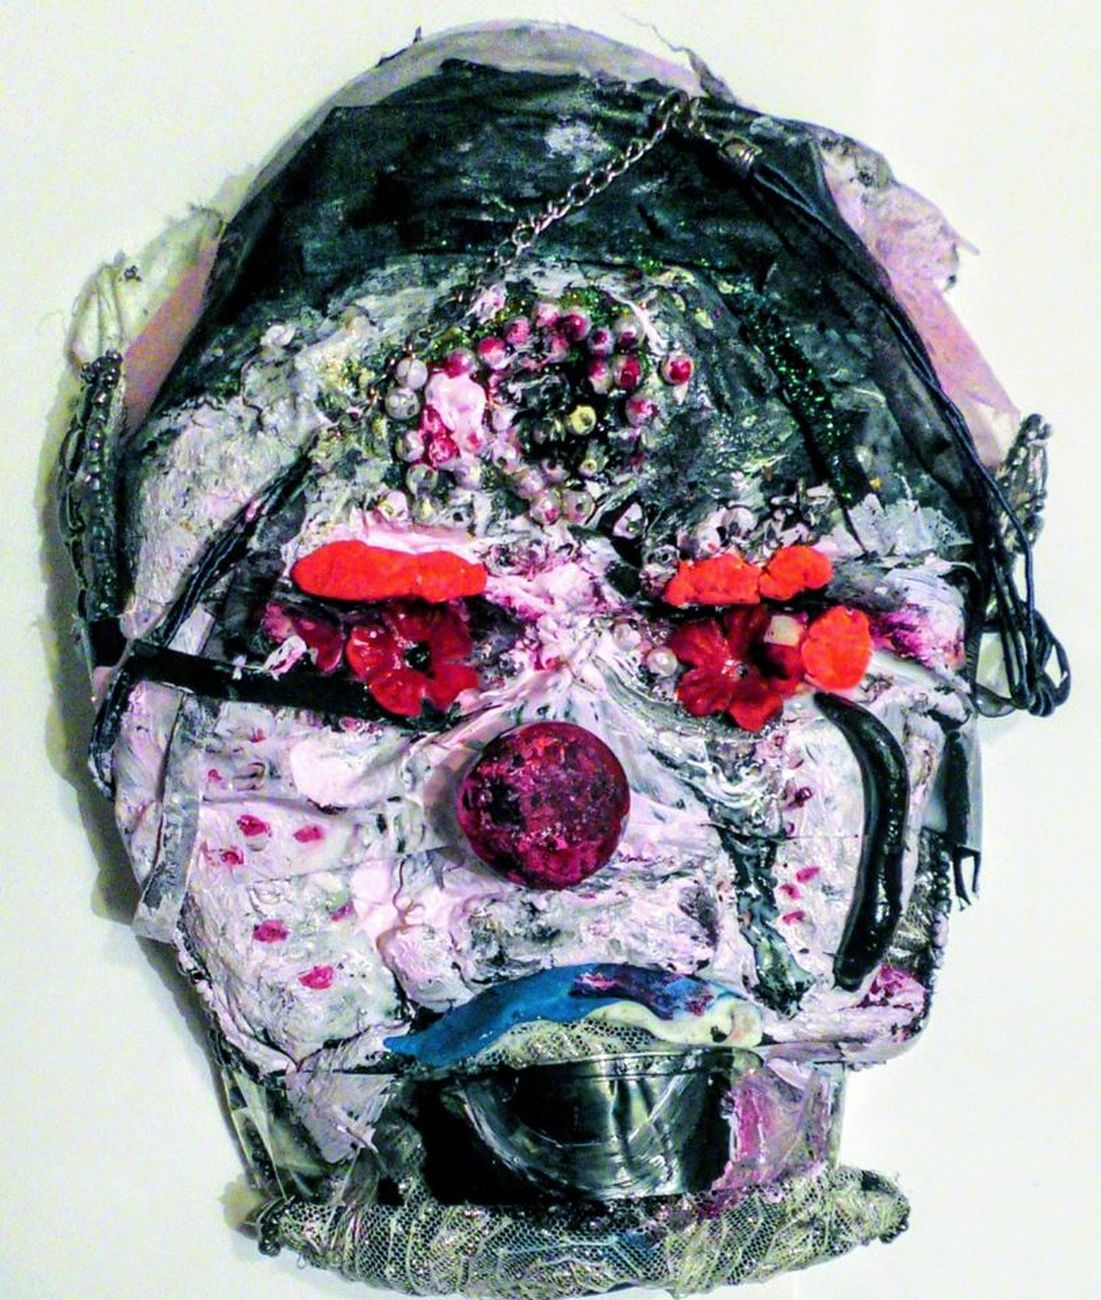 Silvia Argiolas, Maschera n. 7 - Maschera di una buffona, 2020